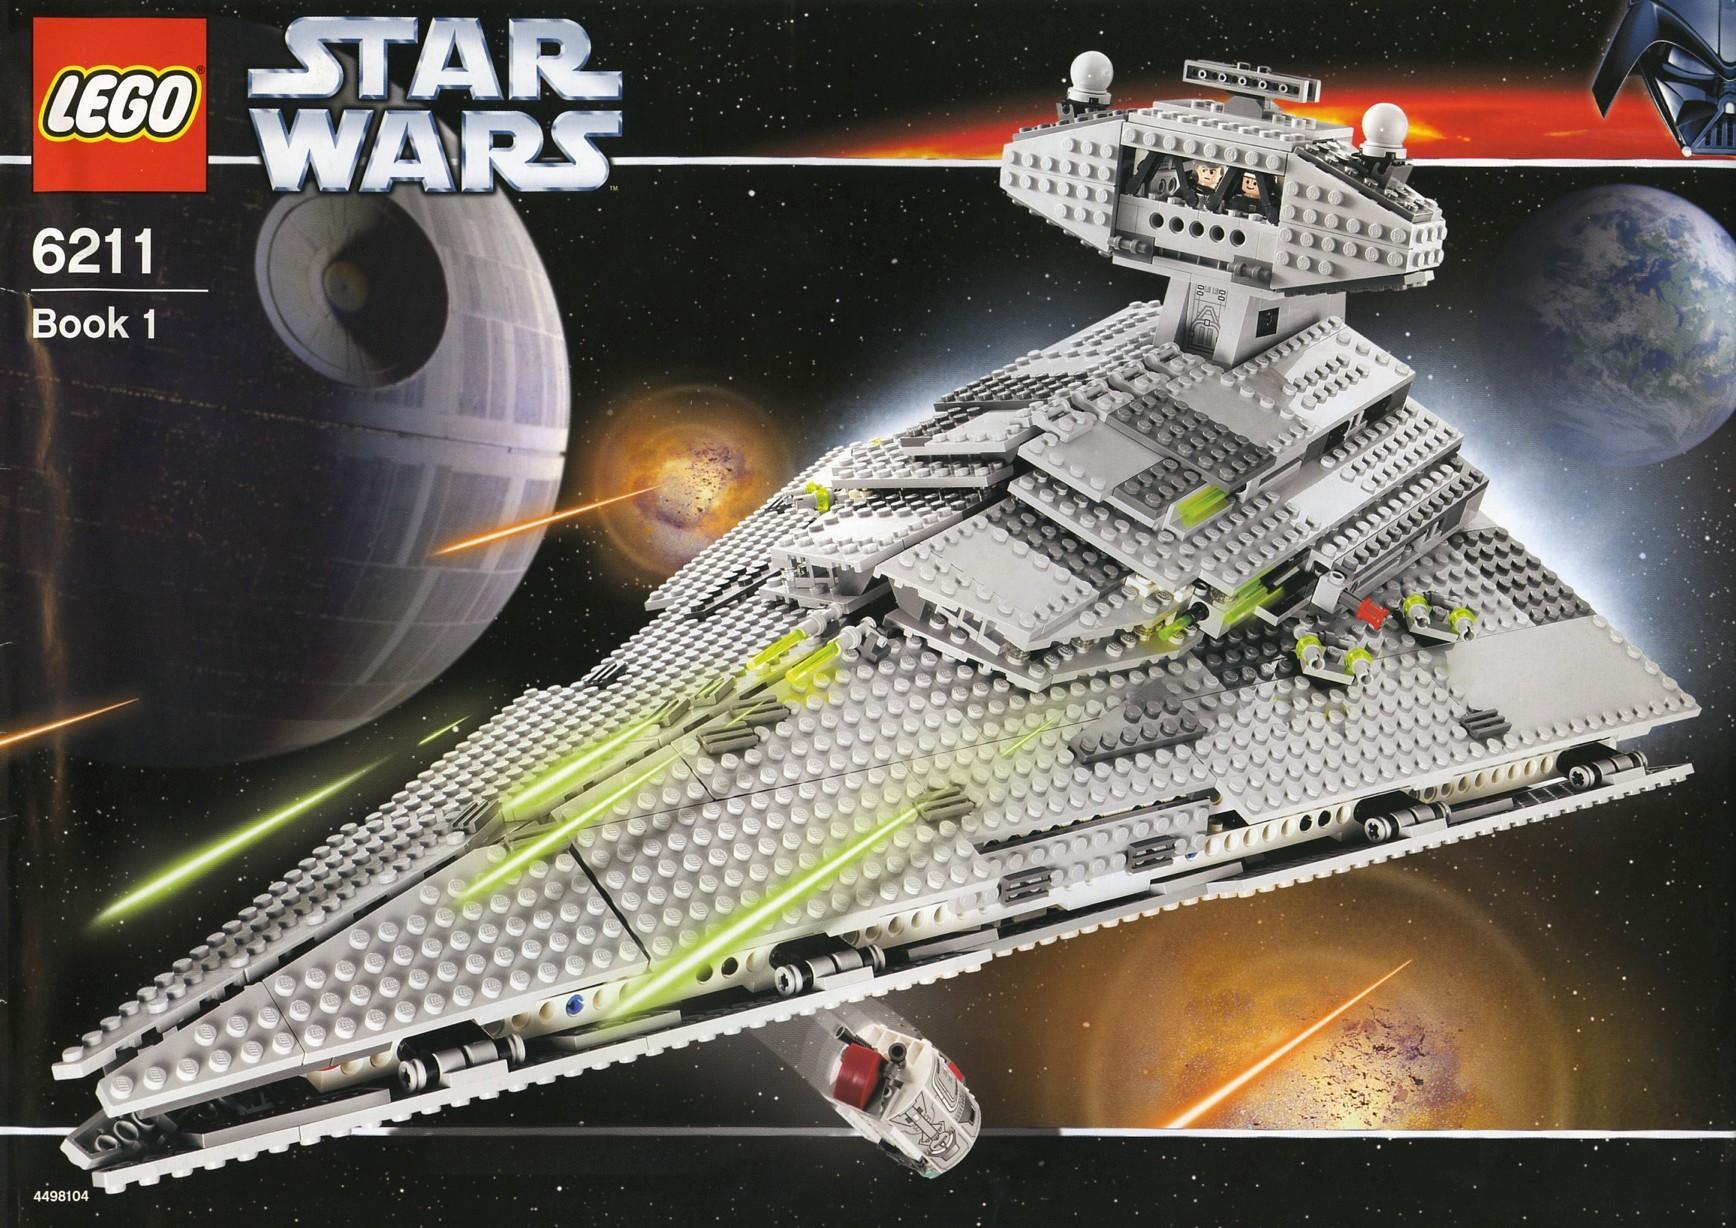 6211 Imperial Star Destroyer Hi-Res Images - FBTB   Lego Star Destroyer 6211